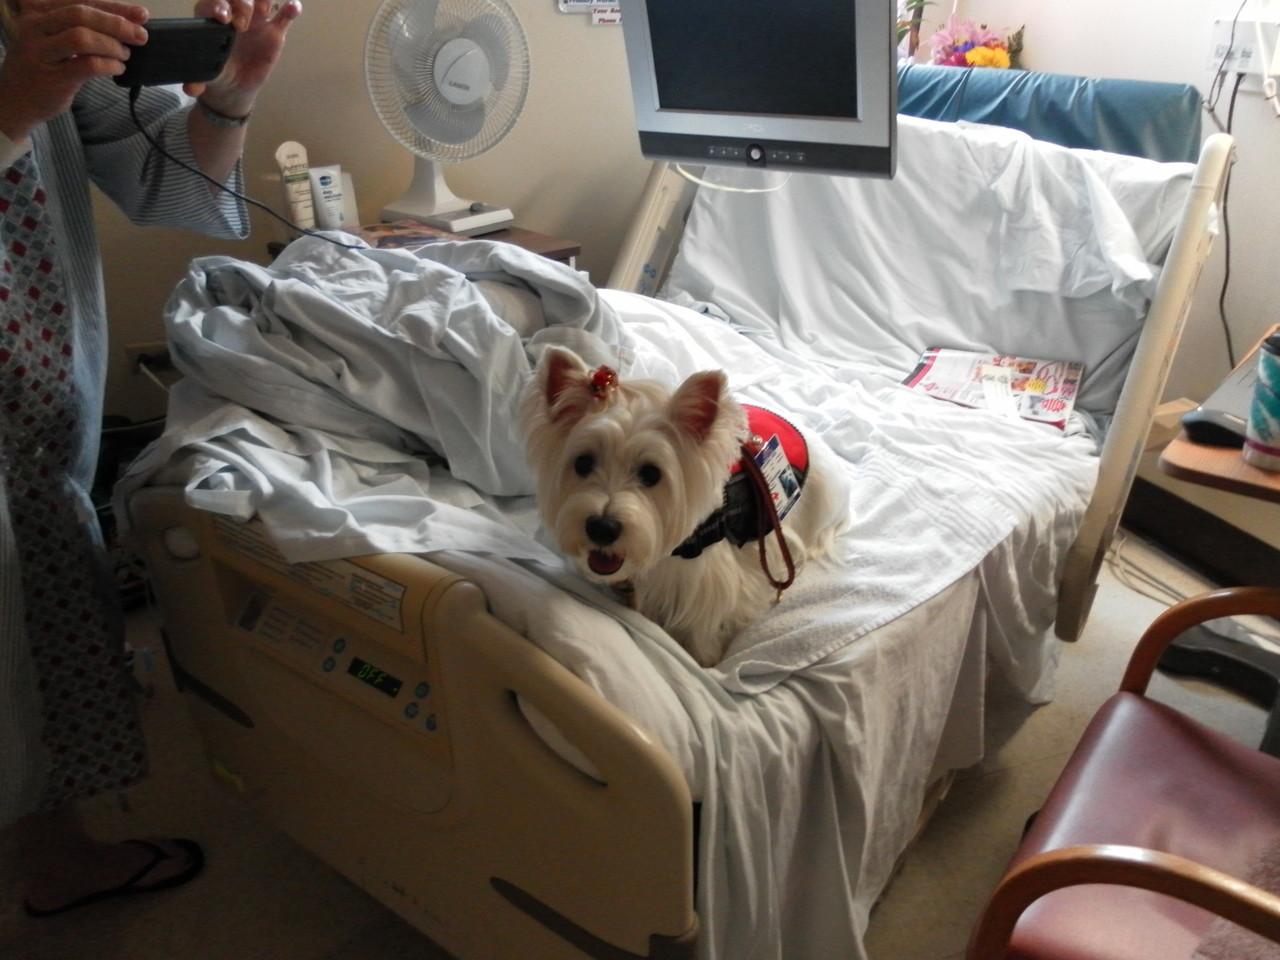 病院内の患者さんのベッドの上での撮影